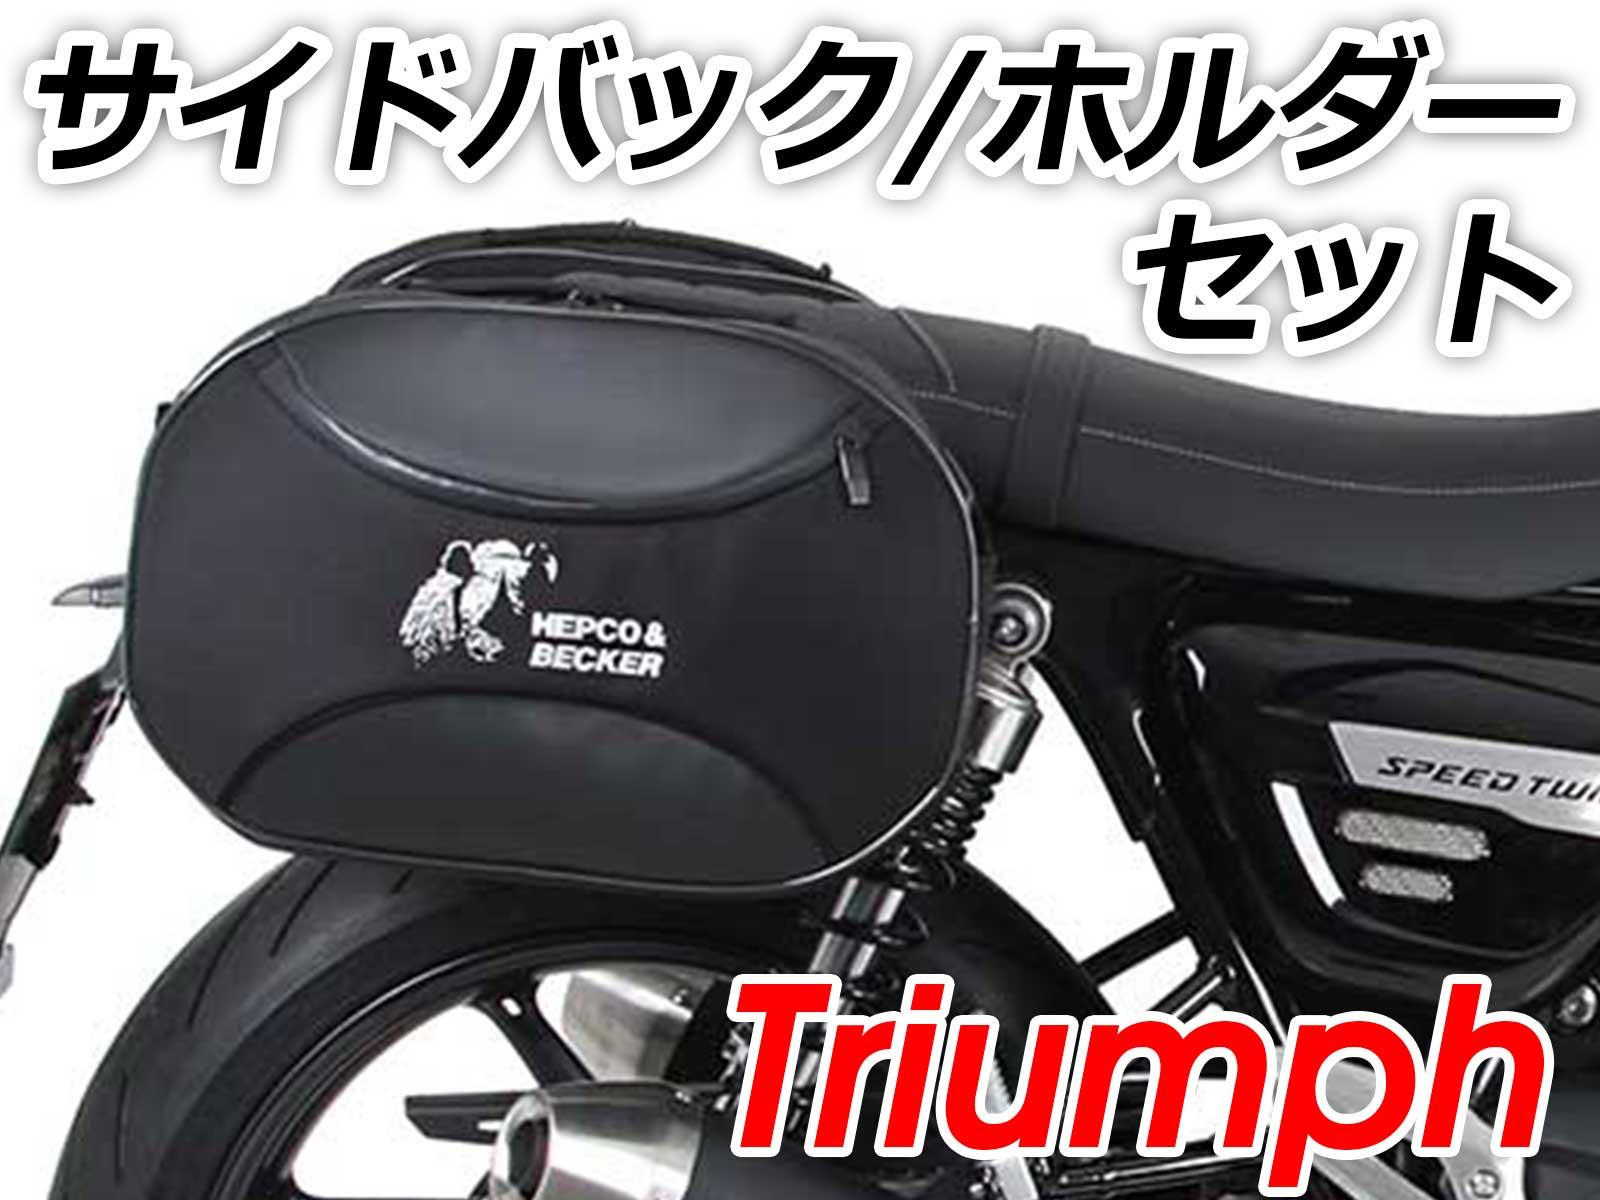 Triumph用 ヘプコ&ベッカー ホルダー+バックセット C-Bow + StreetNEO / Royster / Orbit